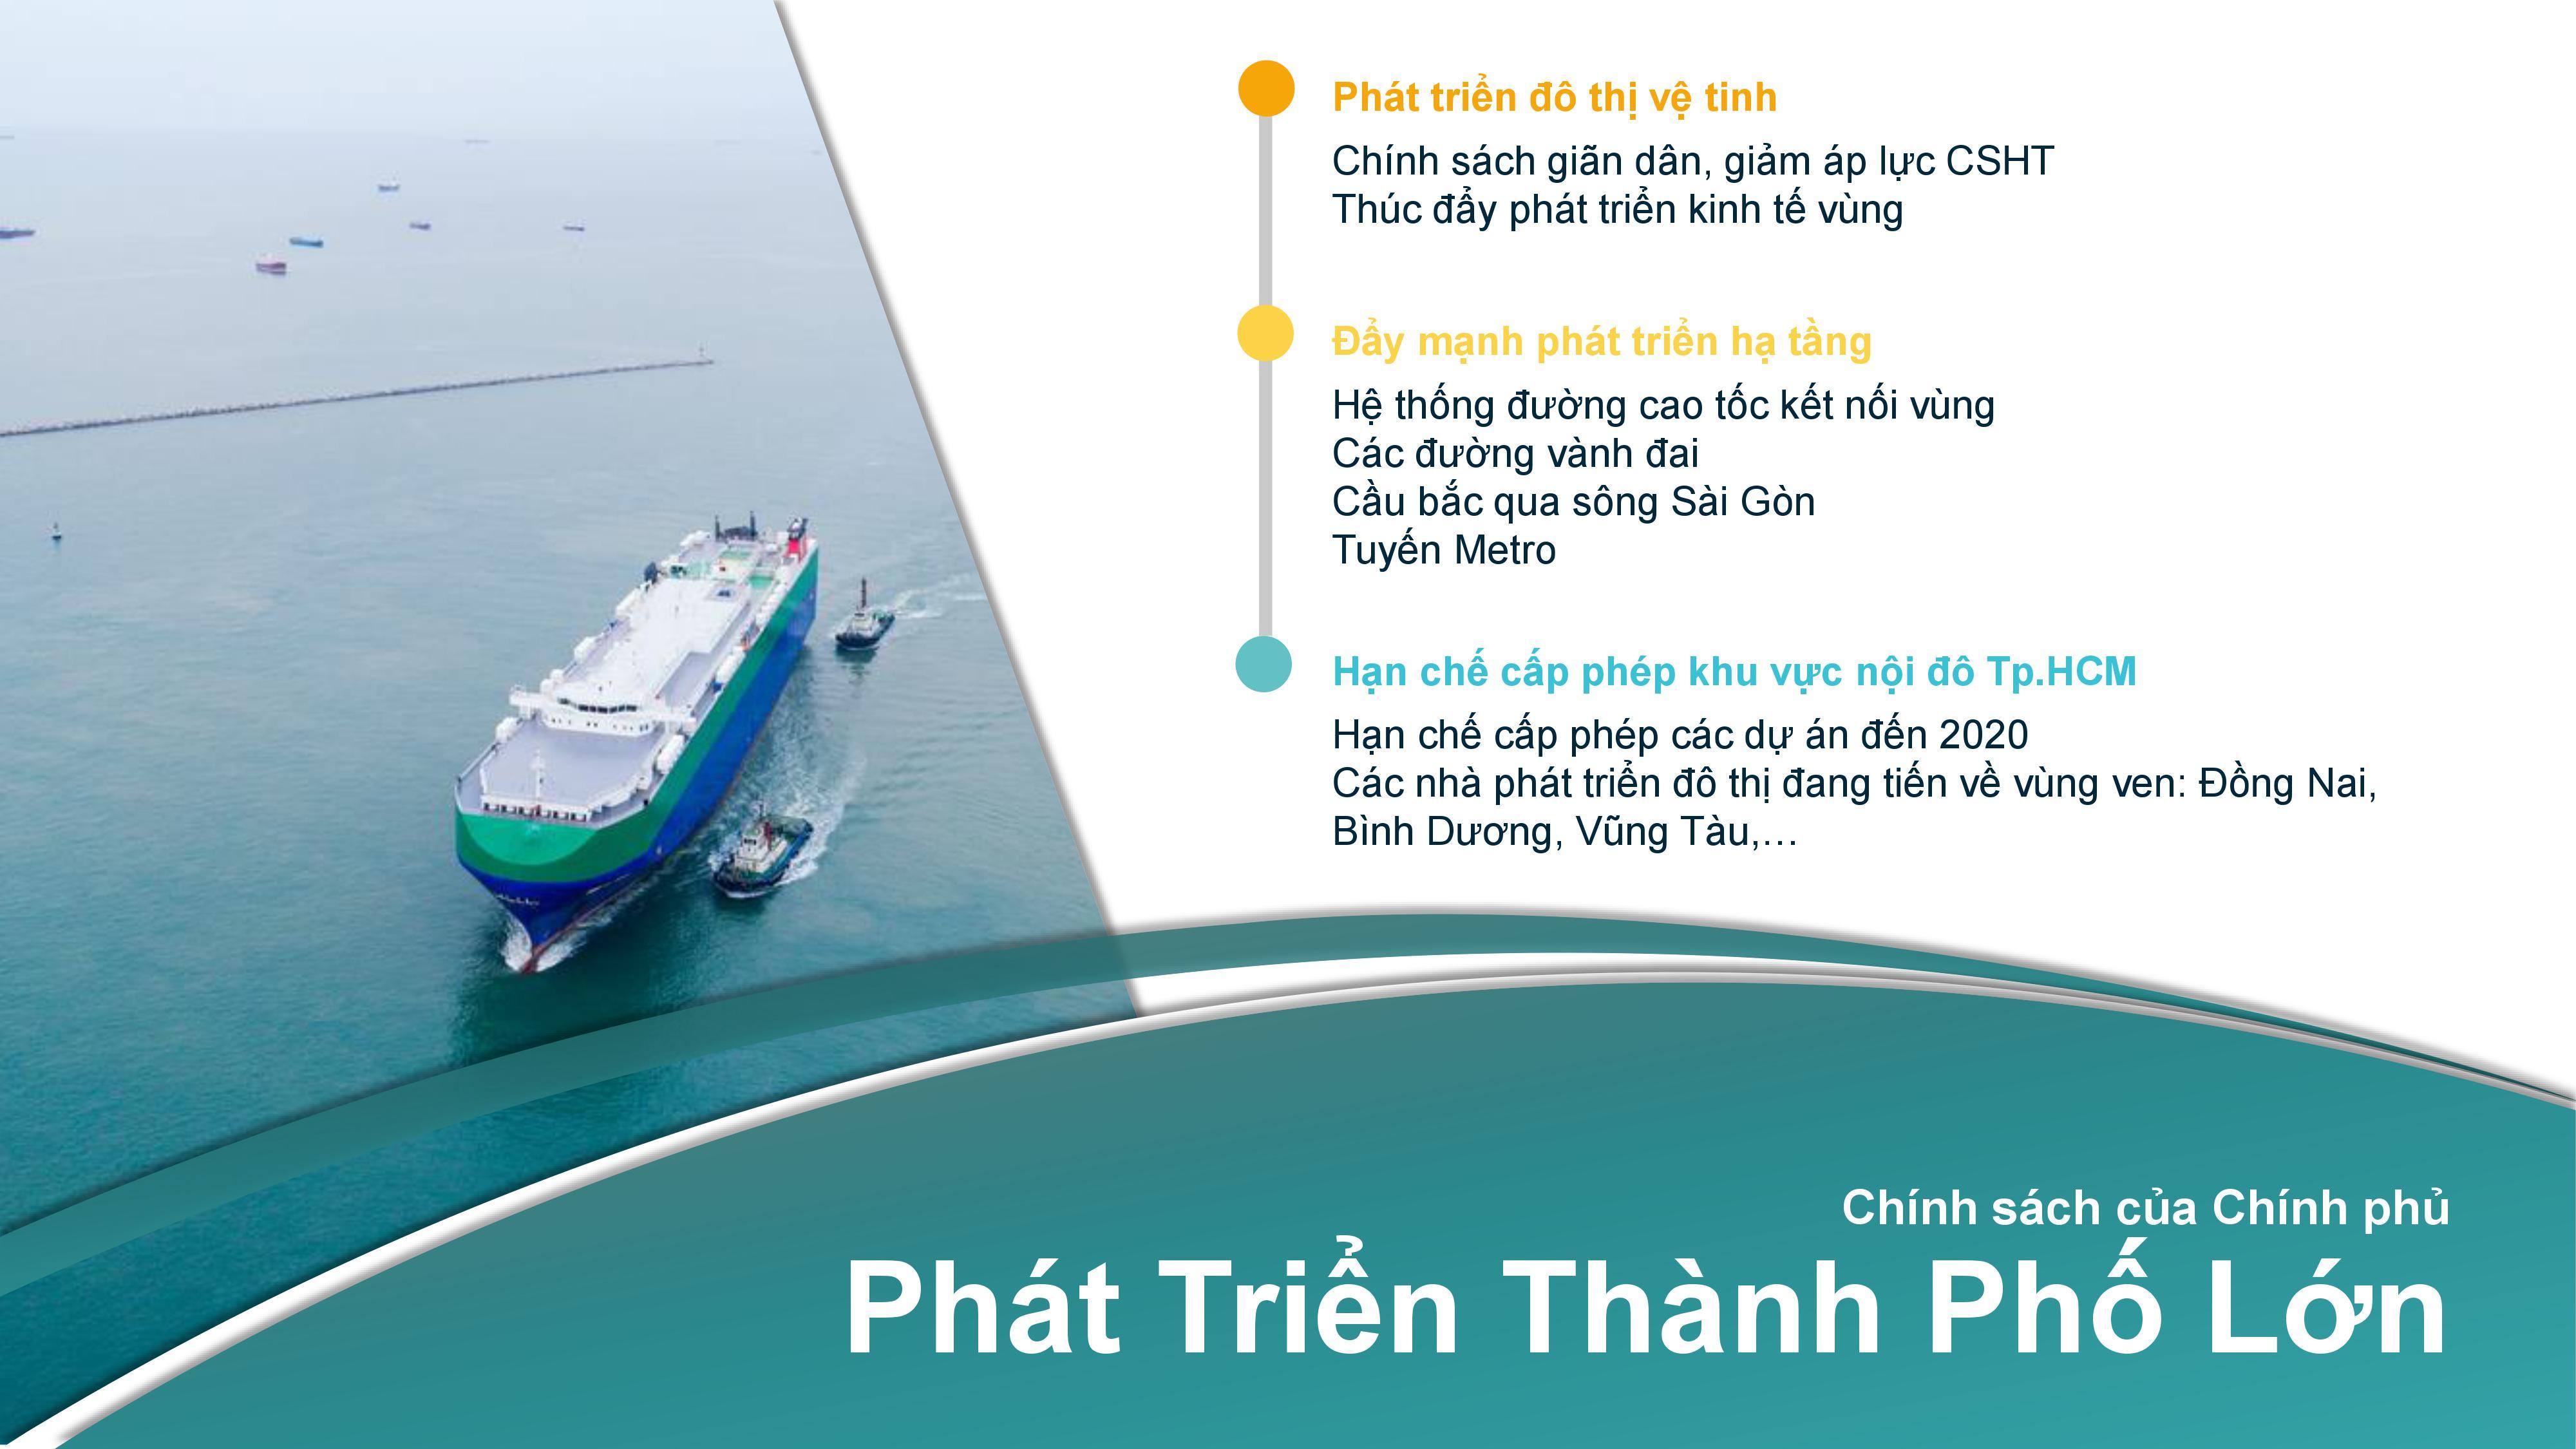 the-elite-phat-trien-do-thi-ngoai-o